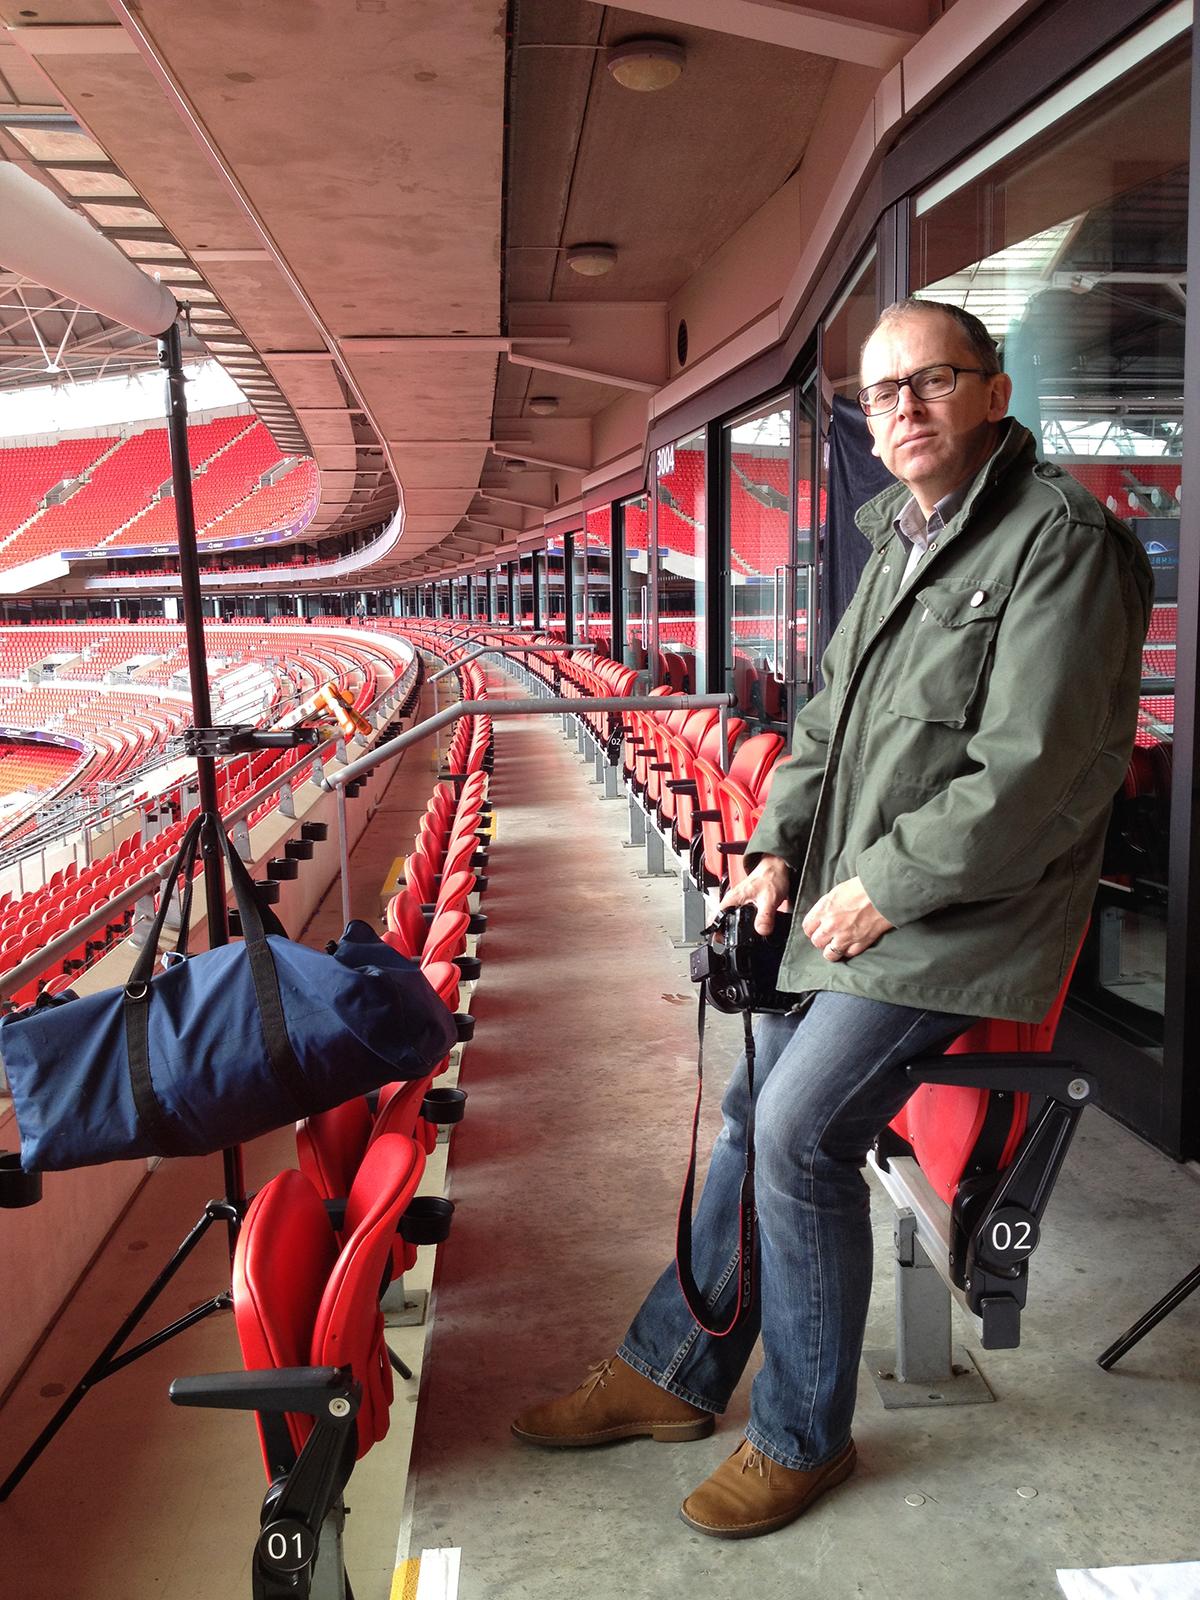 15/05/12 -Waiting at Wembley again. -